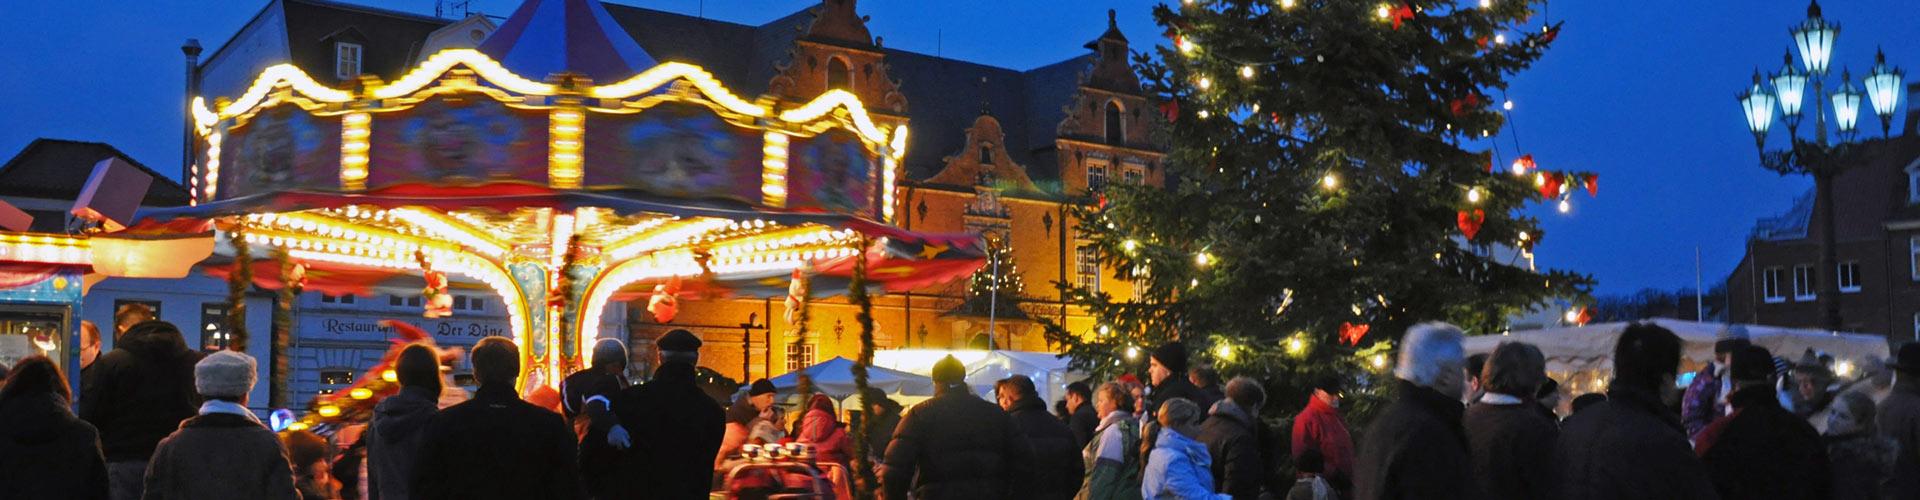 Weihnachtsmarkt in Glückstadt